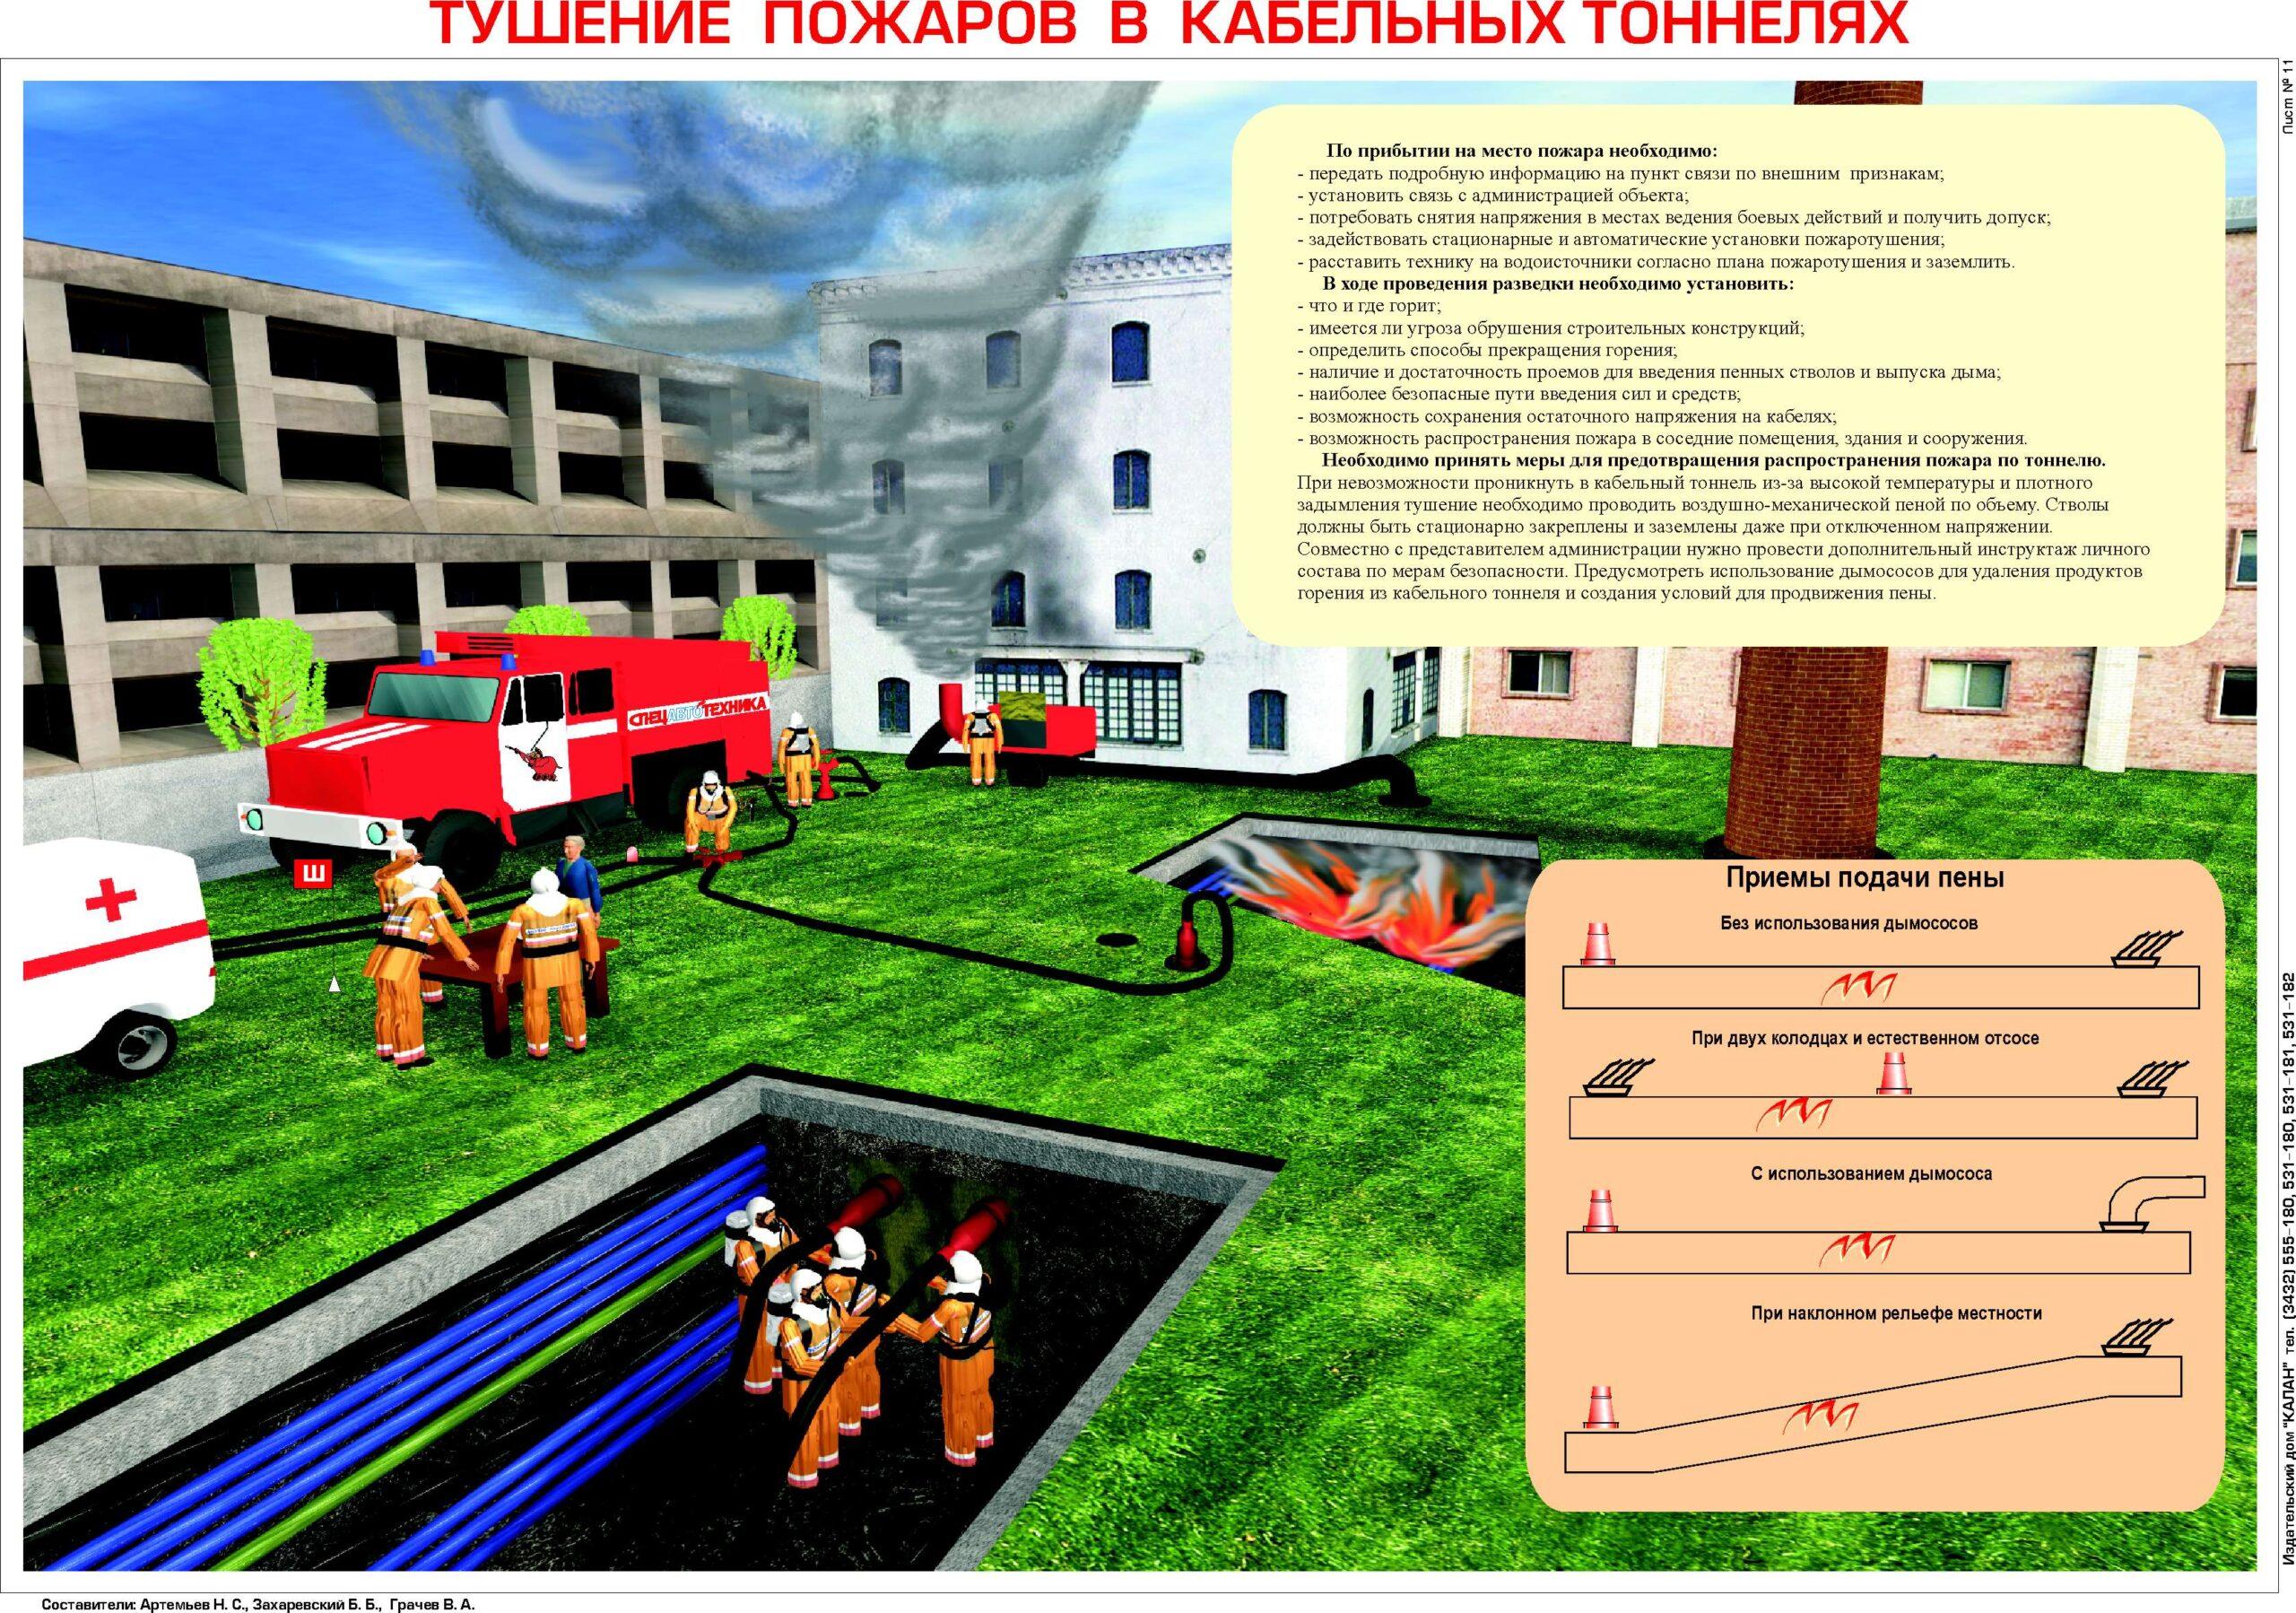 Для разработки плана тушения пожаров применяются методические рекомендации МЧС.